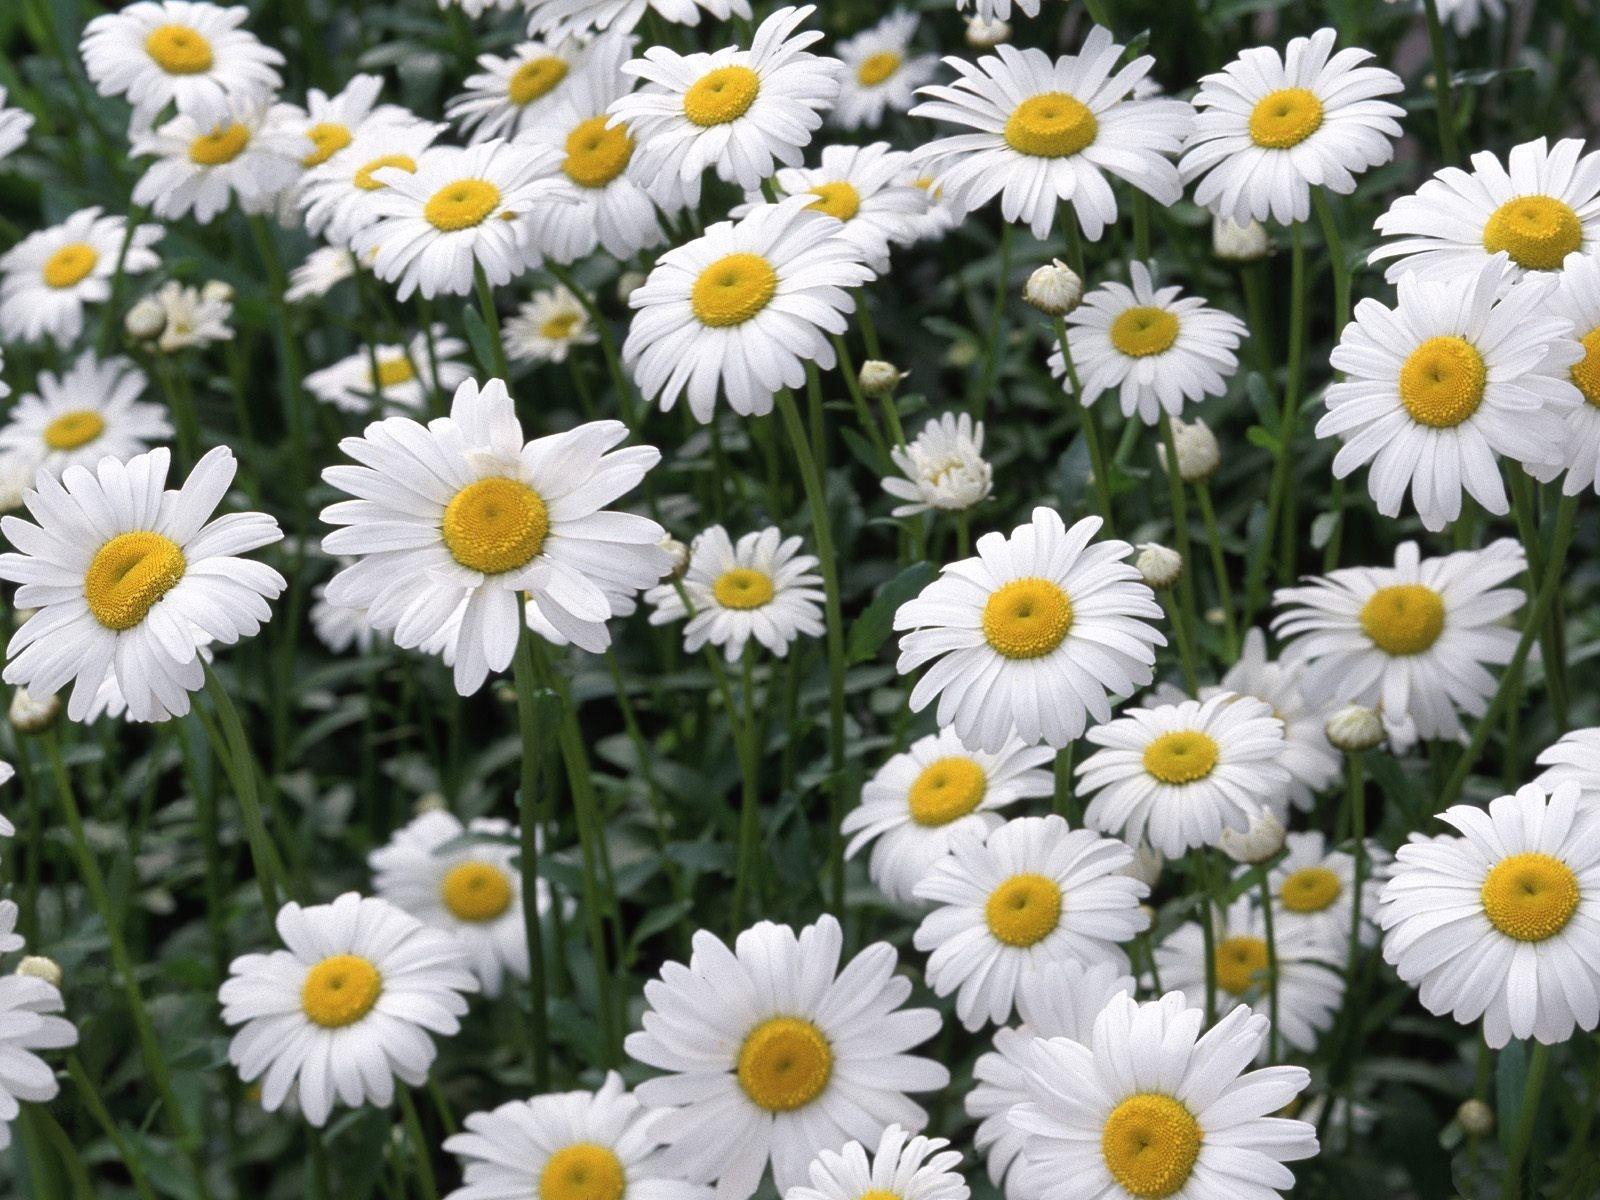 9396 descargar fondo de pantalla Plantas, Flores, Camomila: protectores de pantalla e imágenes gratis